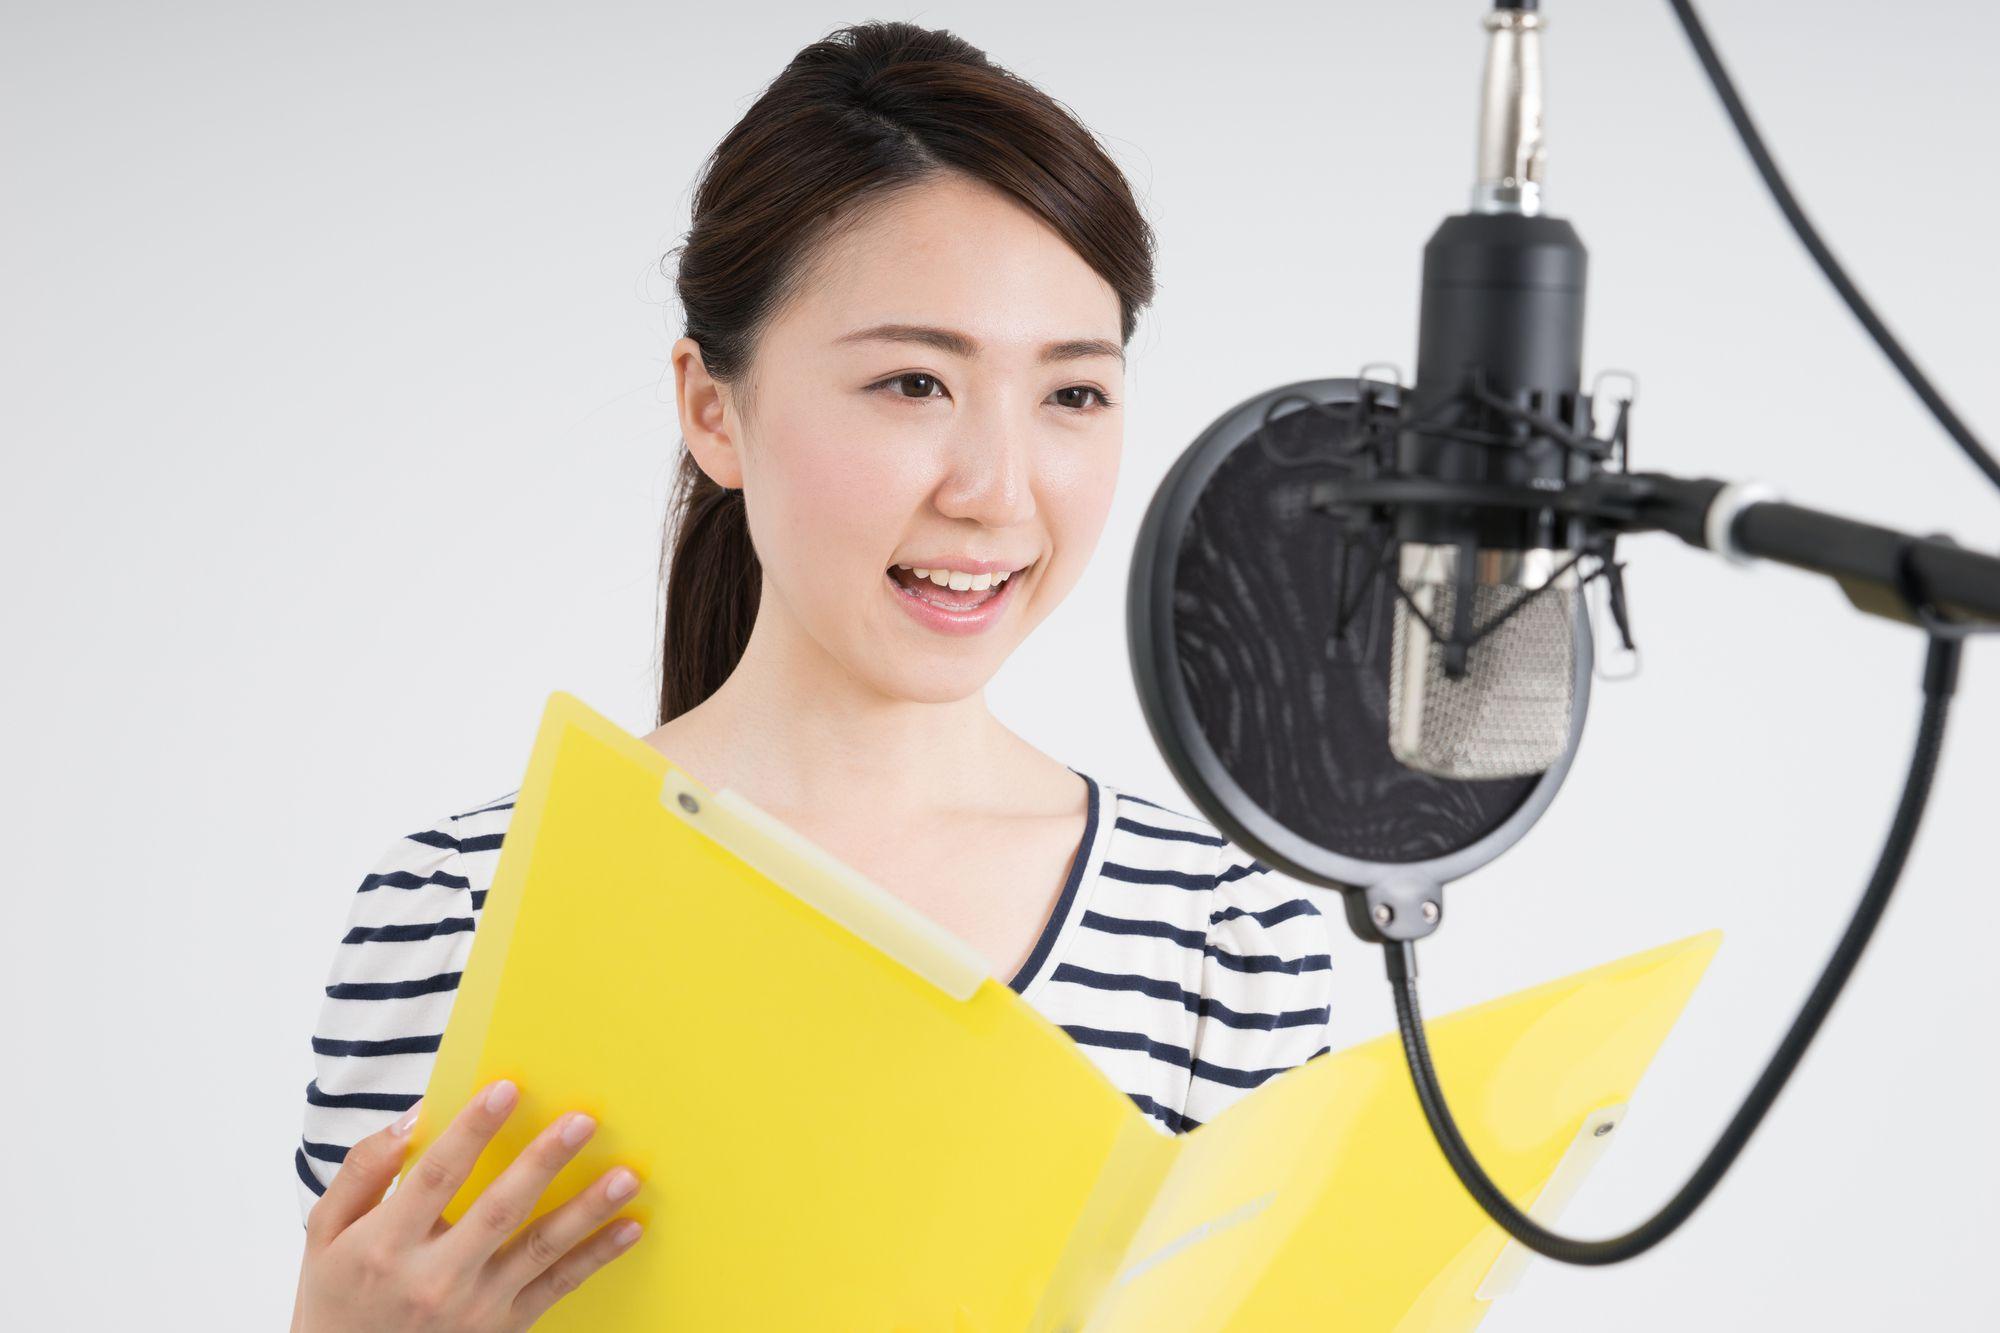 ナレーターを目指したい!東京の声優養成所で目指すことは可能?